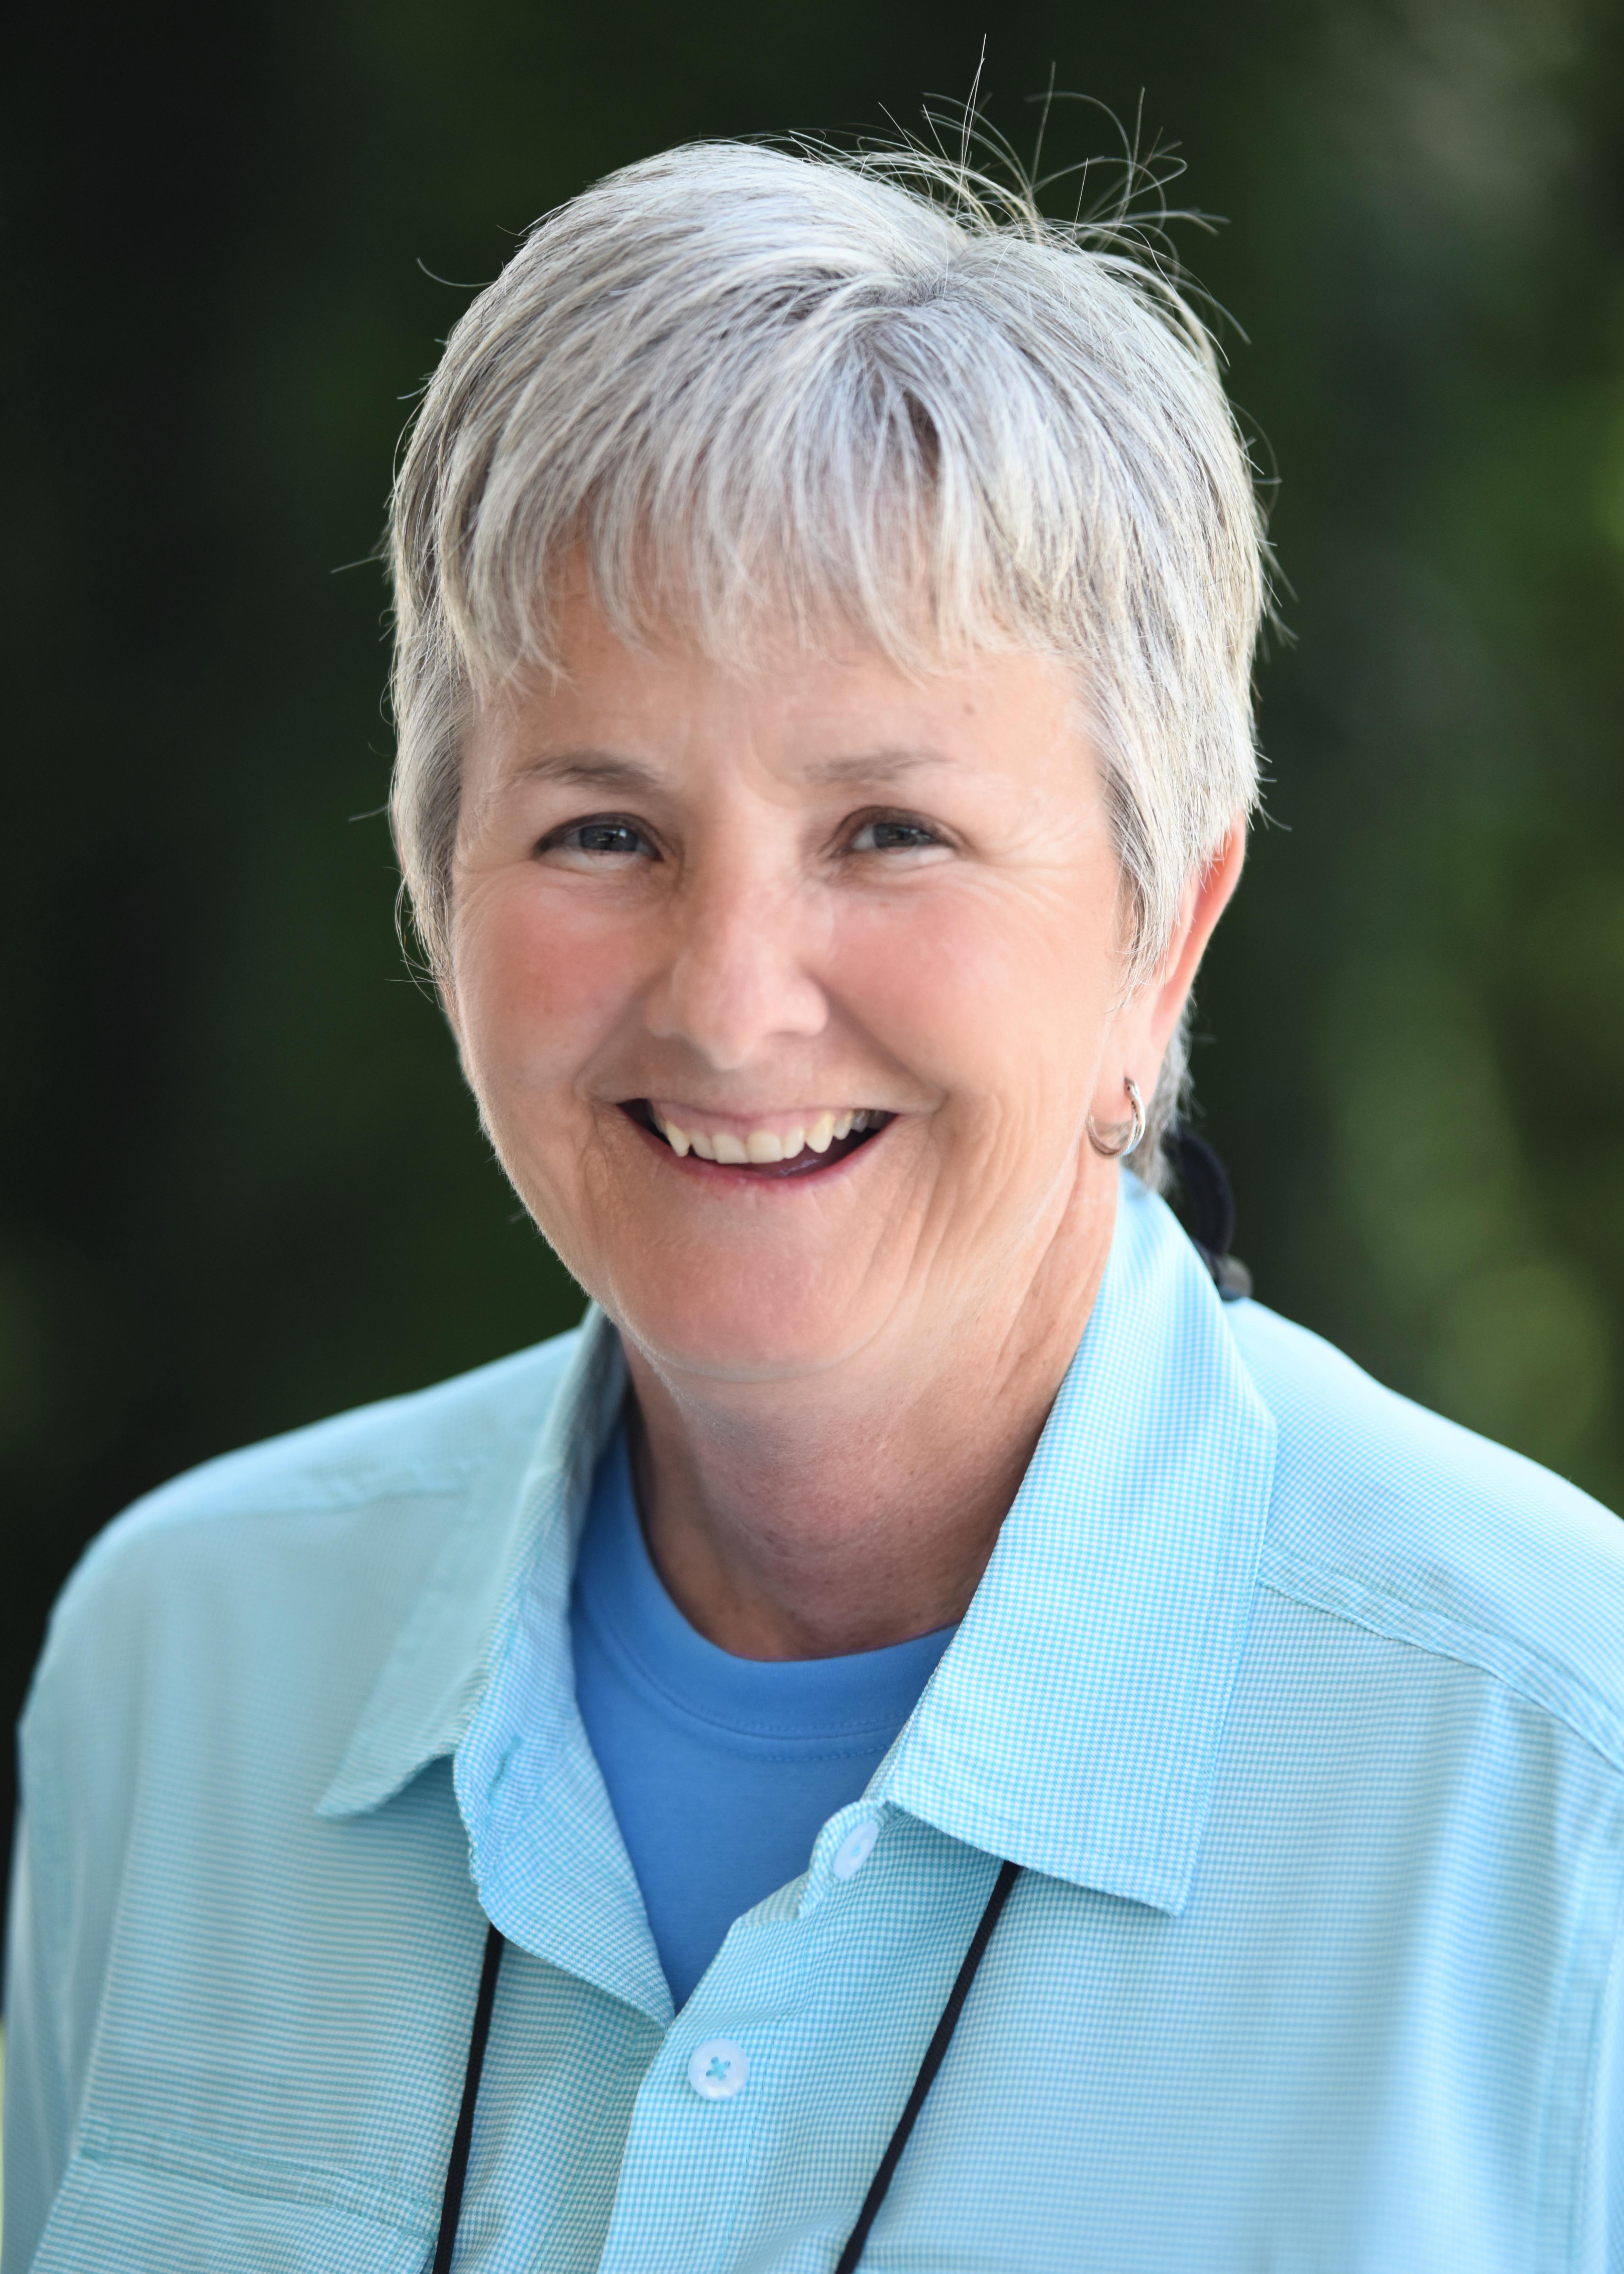 Reba Hoffman